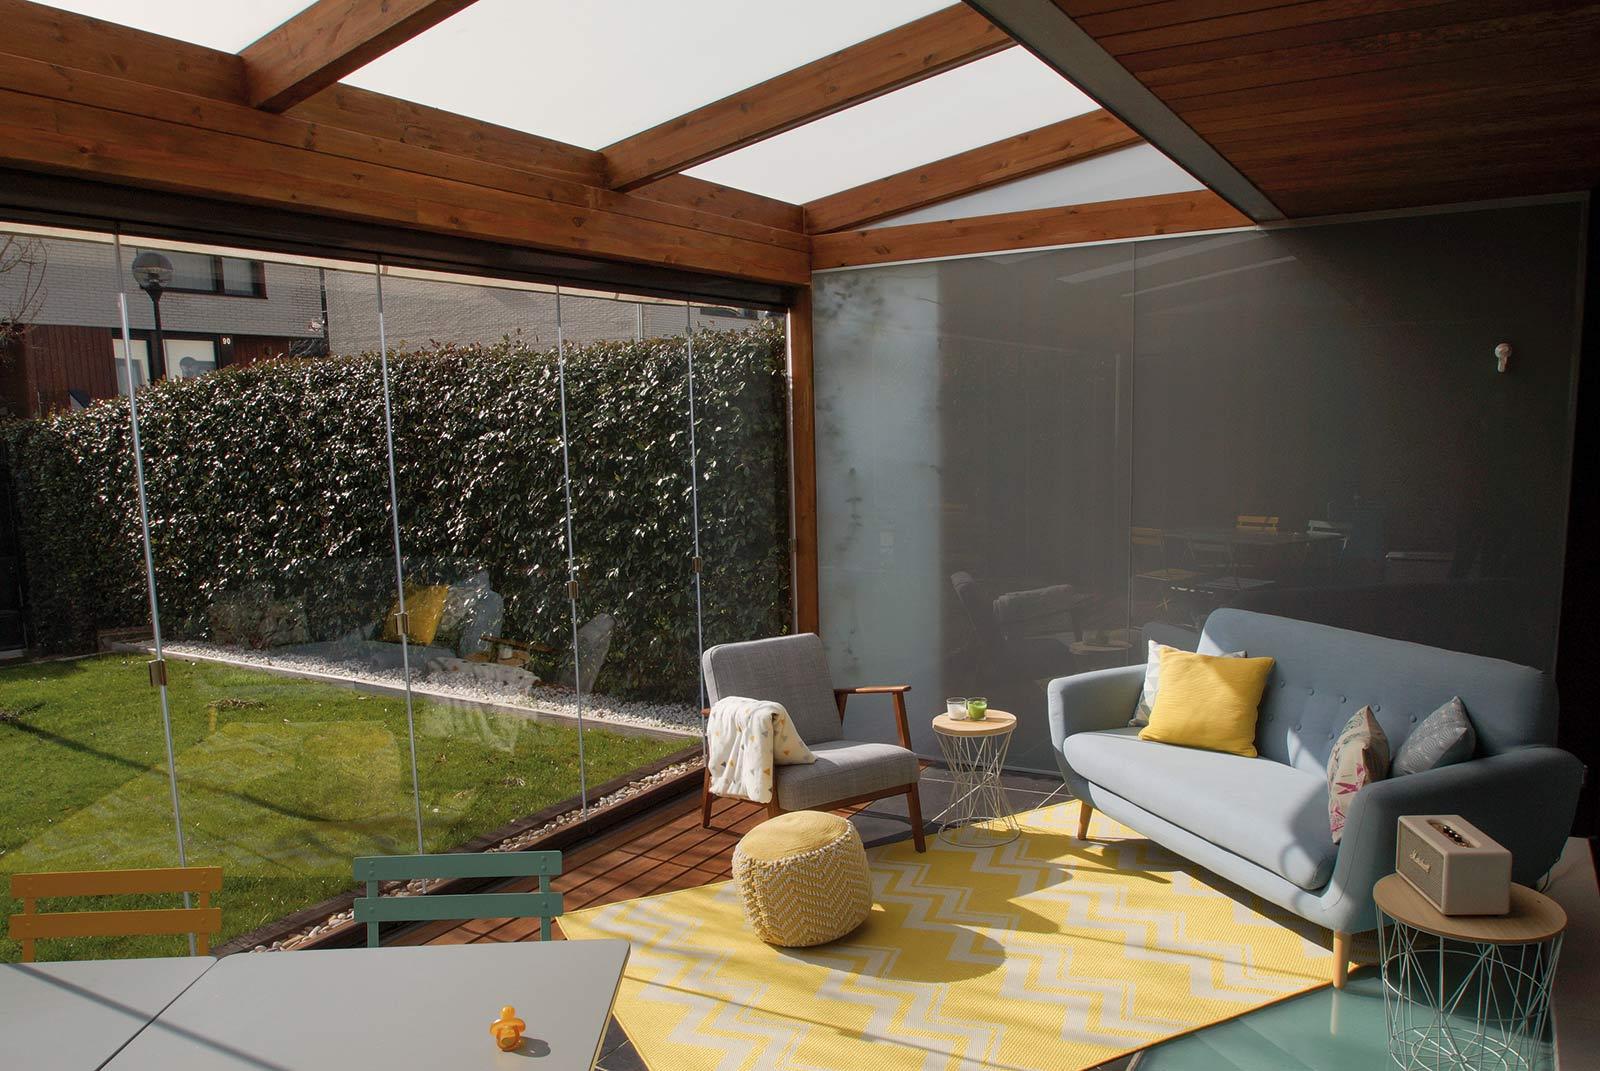 Porche de madera estilo moderno en jardín